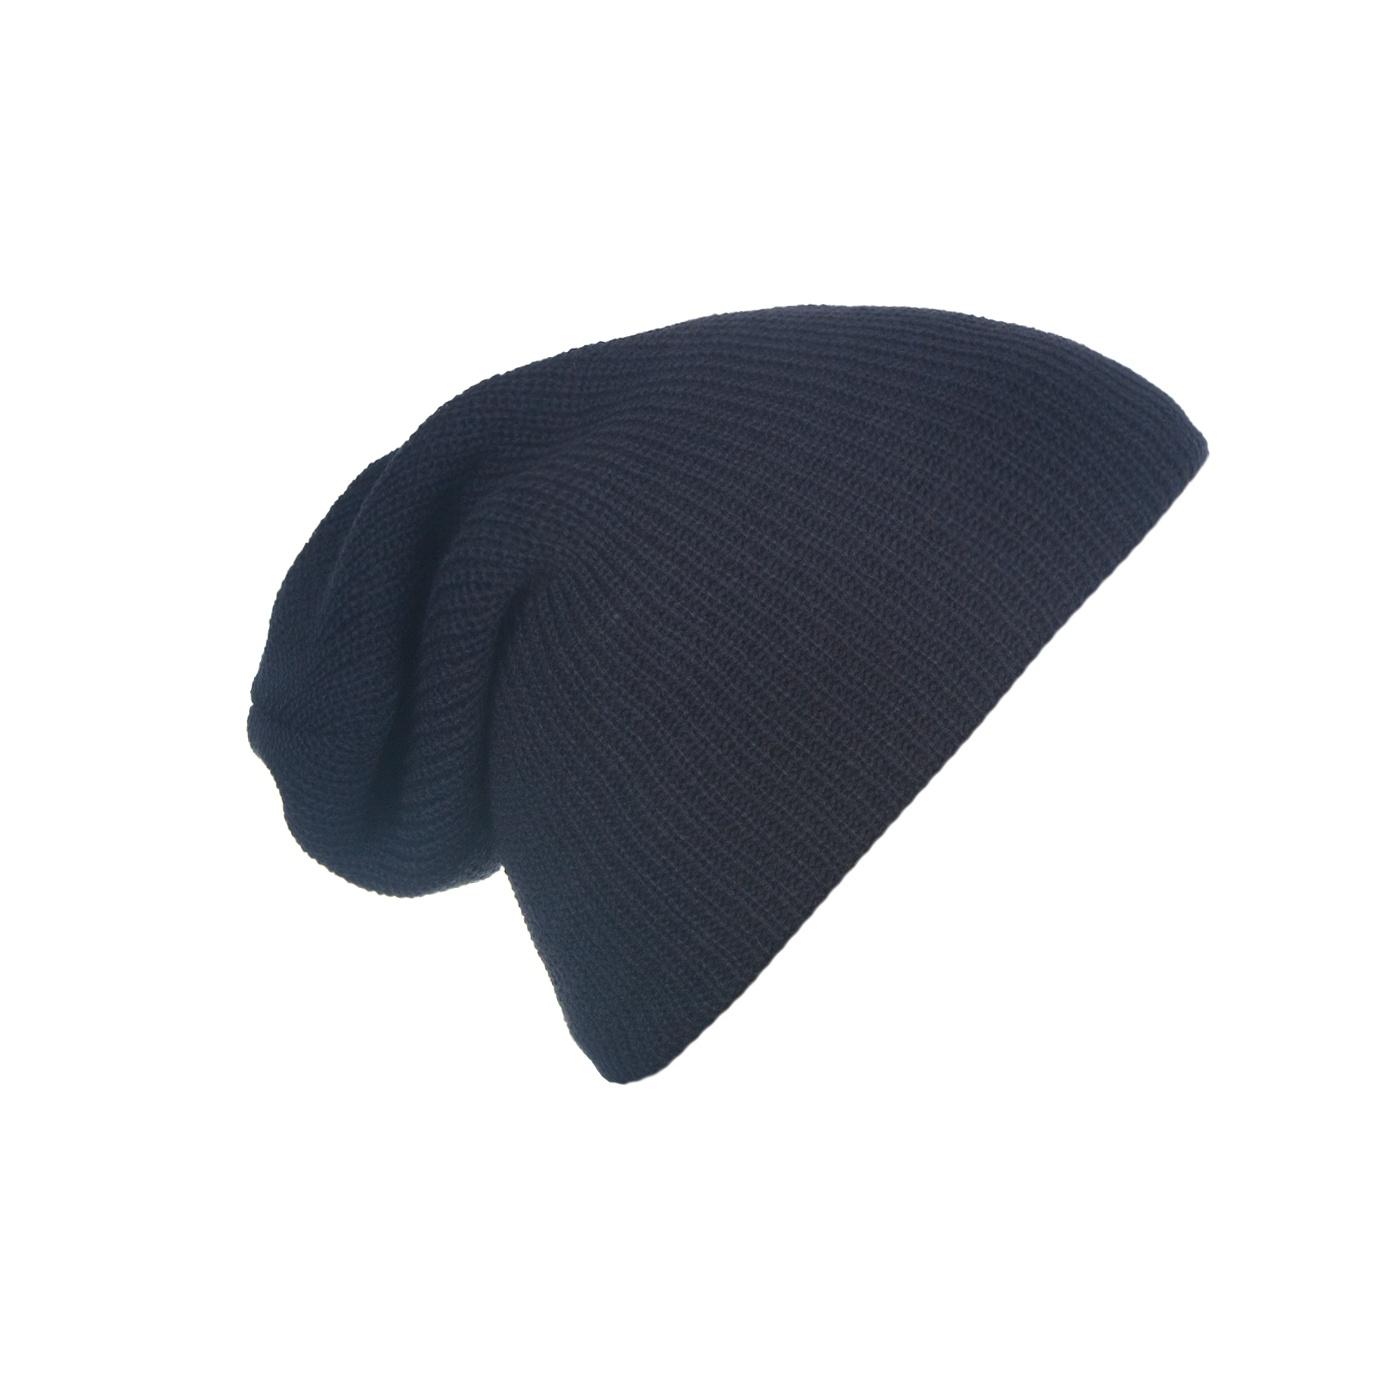 Męska czapka beanie w prążki 3w1 - granatowa